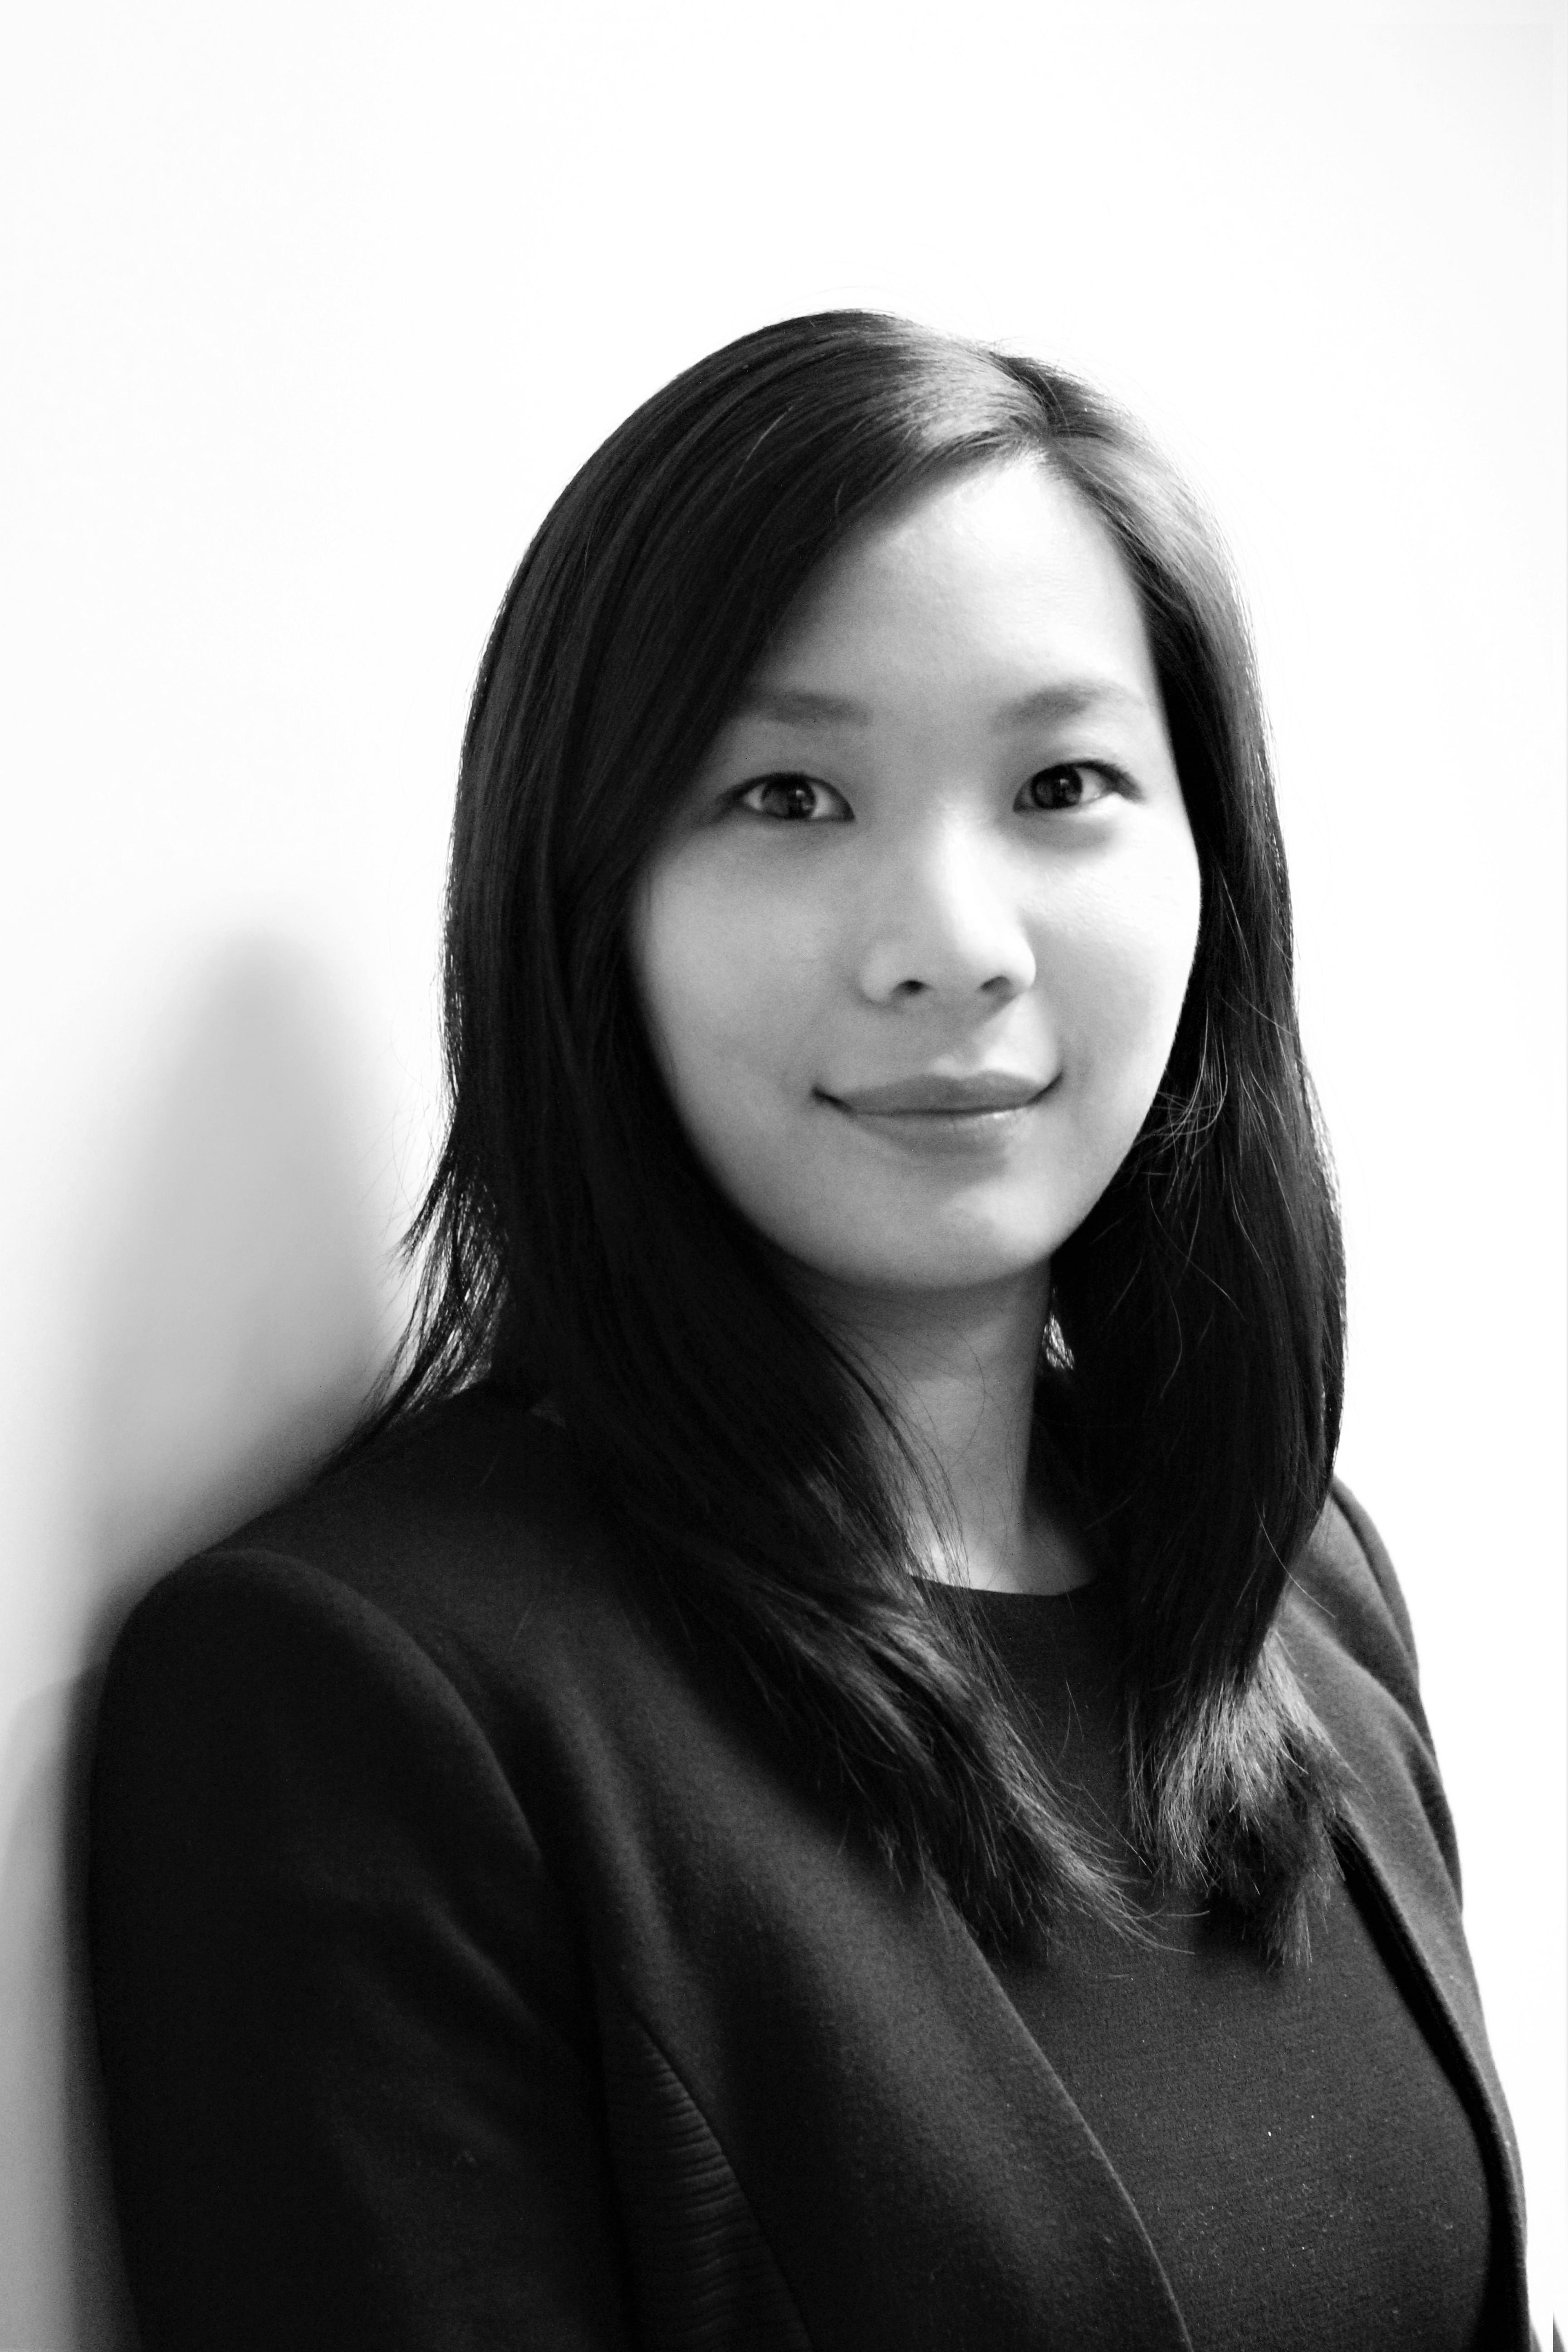 Elisabeth Zhang